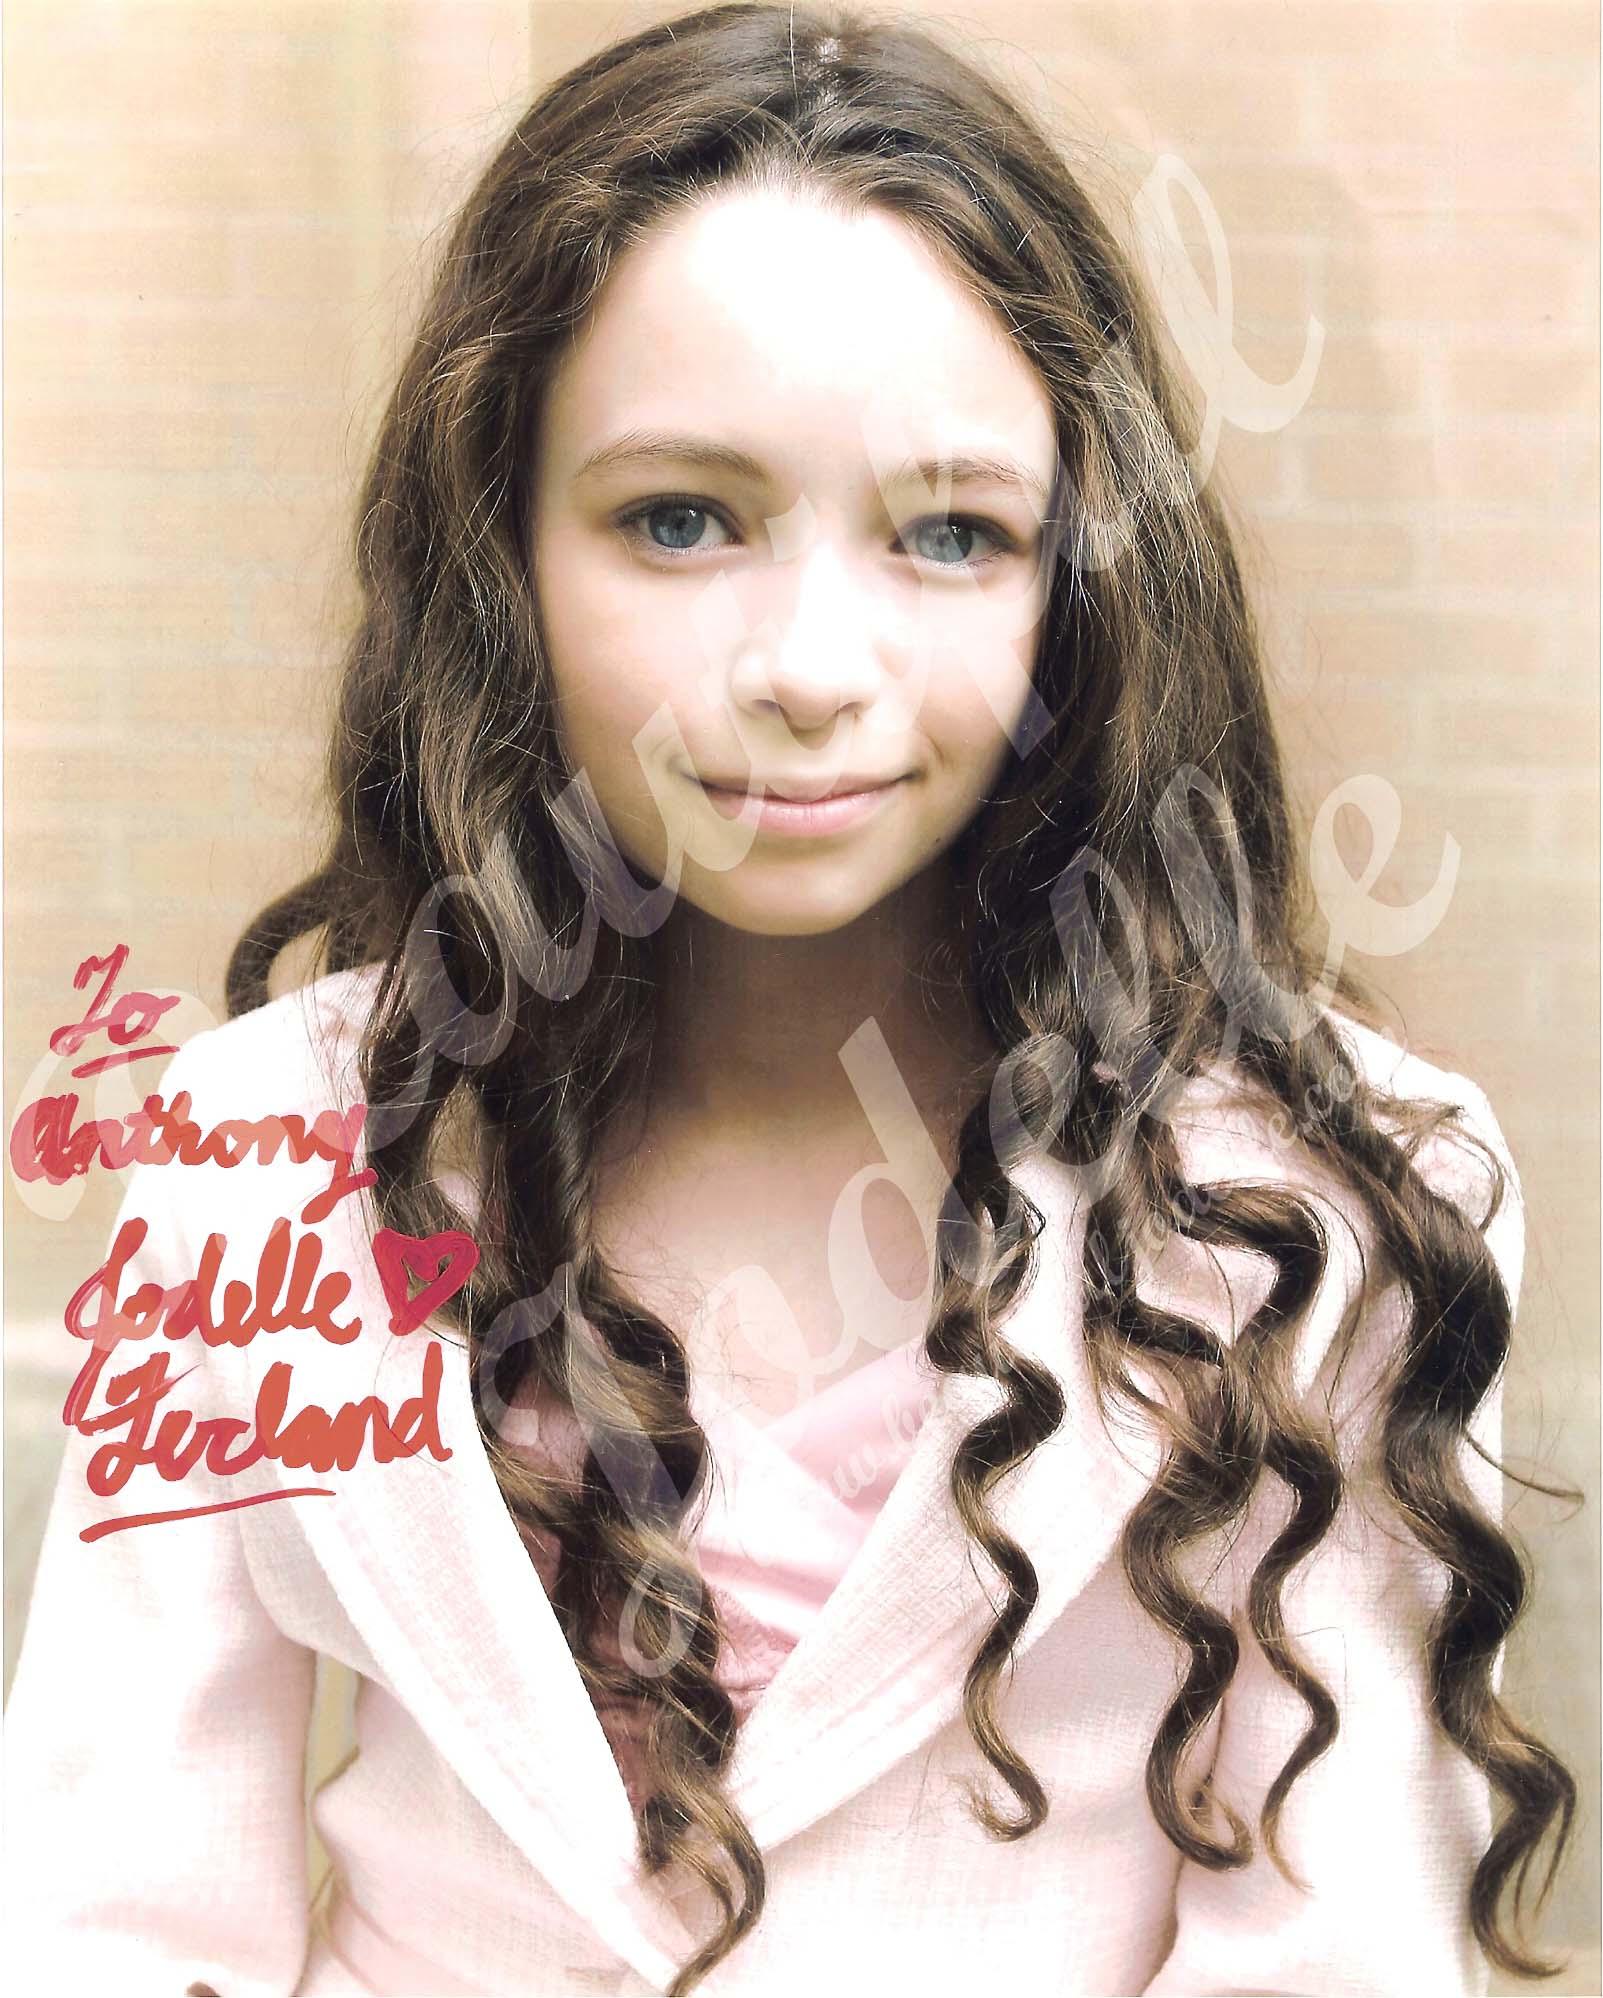 Jodelle Ferland autograph